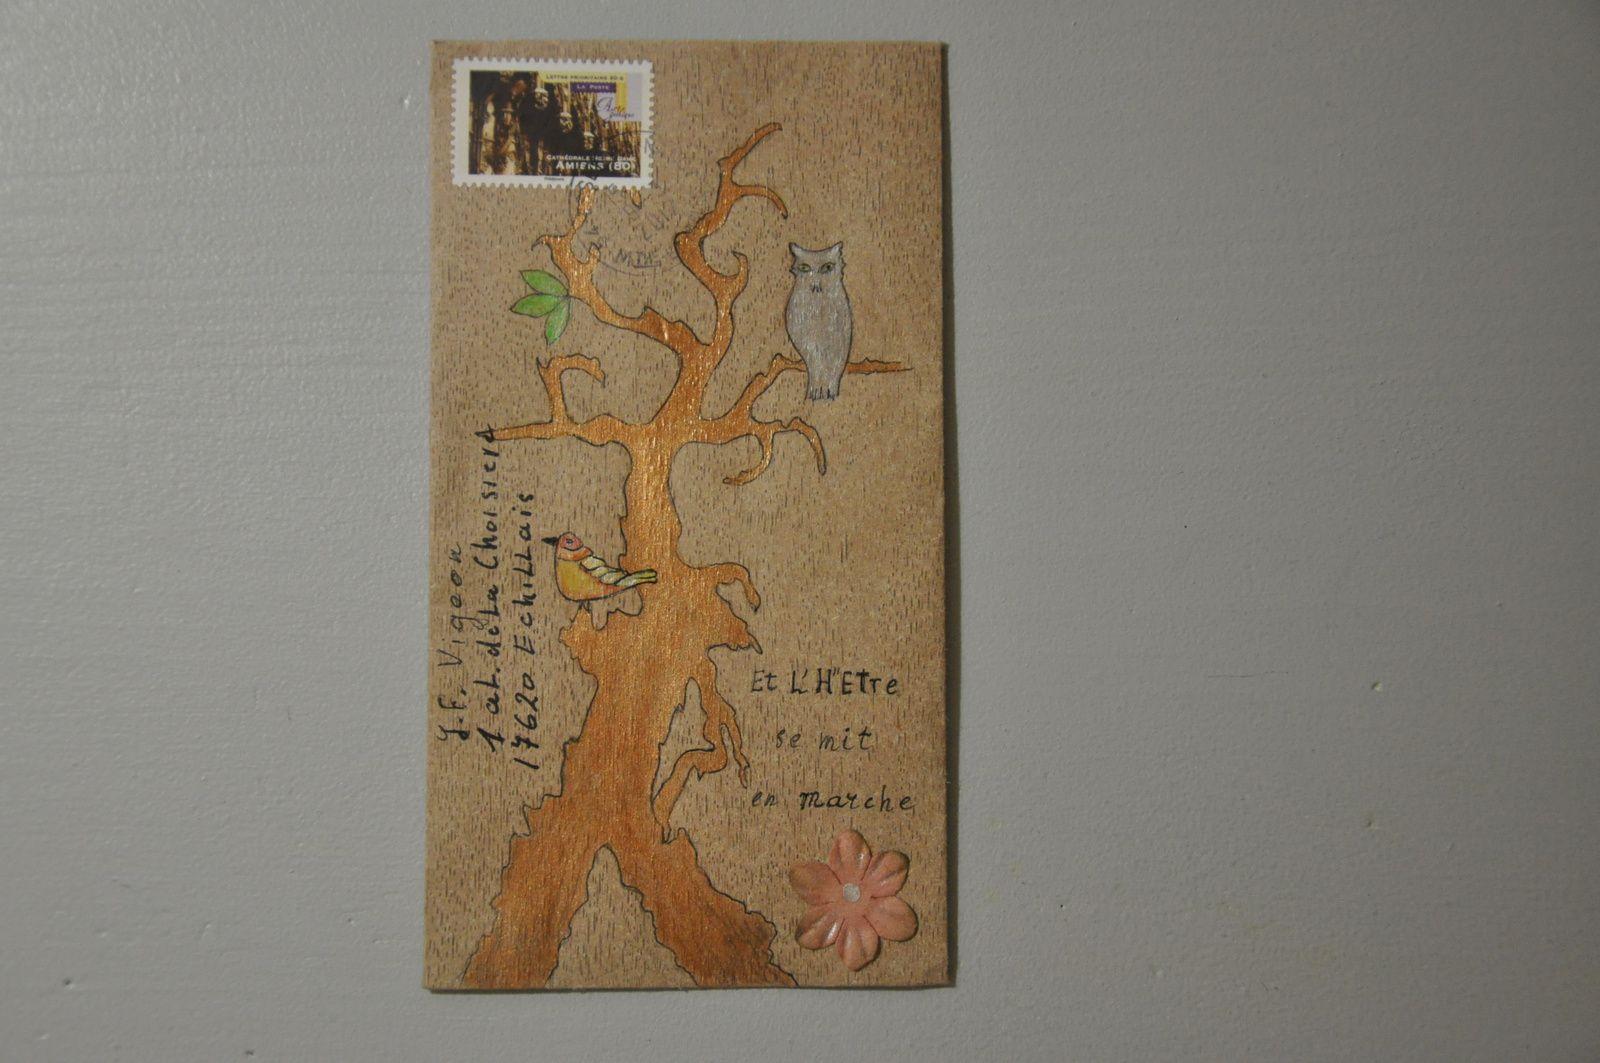 Merci à Geneviève Brandebourg pour cet envoi original et sa belle carte à l'intérieur!